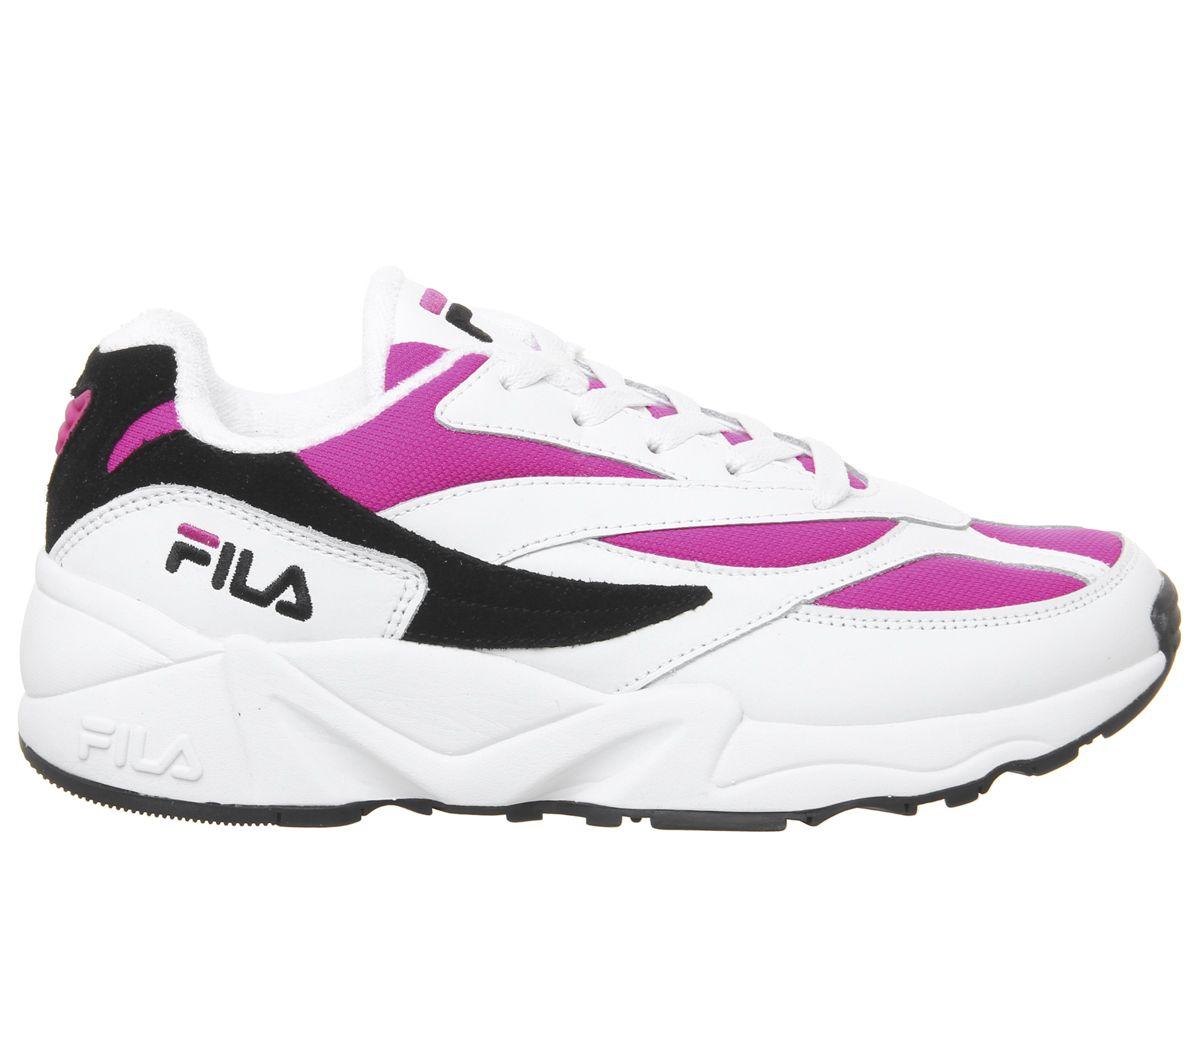 Compra > zapatos fila color negro rosa OFF 78